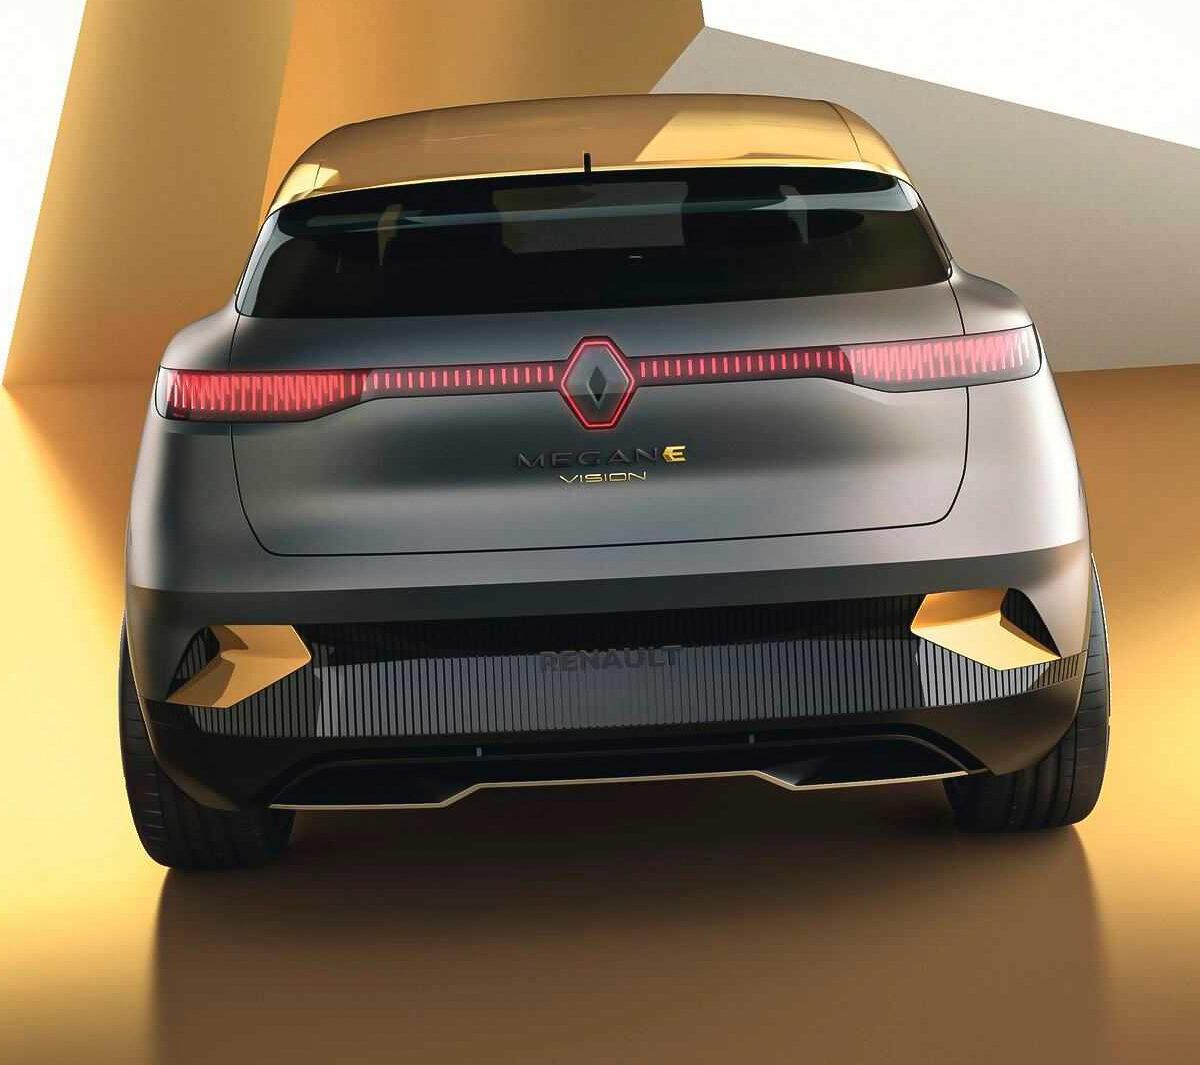 Auto budúcnosti od Renault. Nový koncept elektromobilu eVision